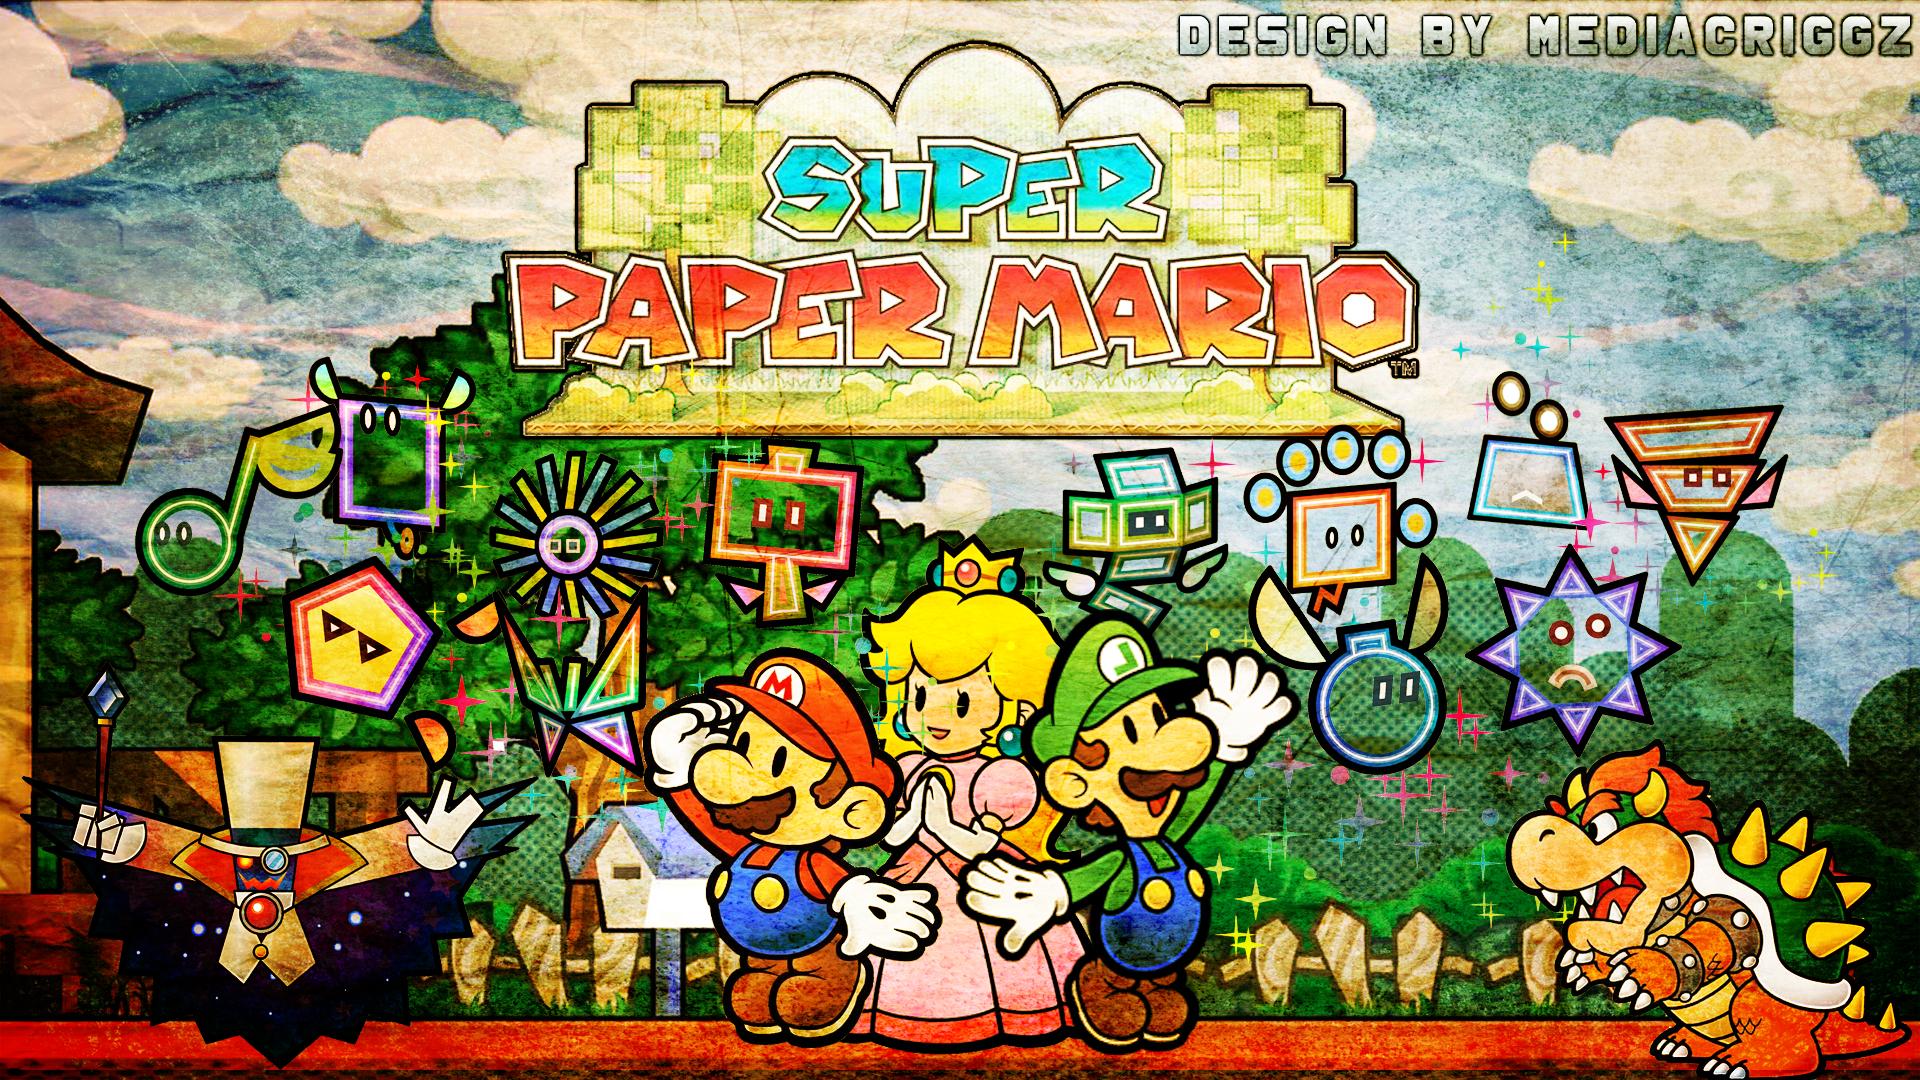 E        Paper Mario  Color Splash Release Date Revealed   IGN Papeer Mario  Color Splash   Official Game Trailer   E